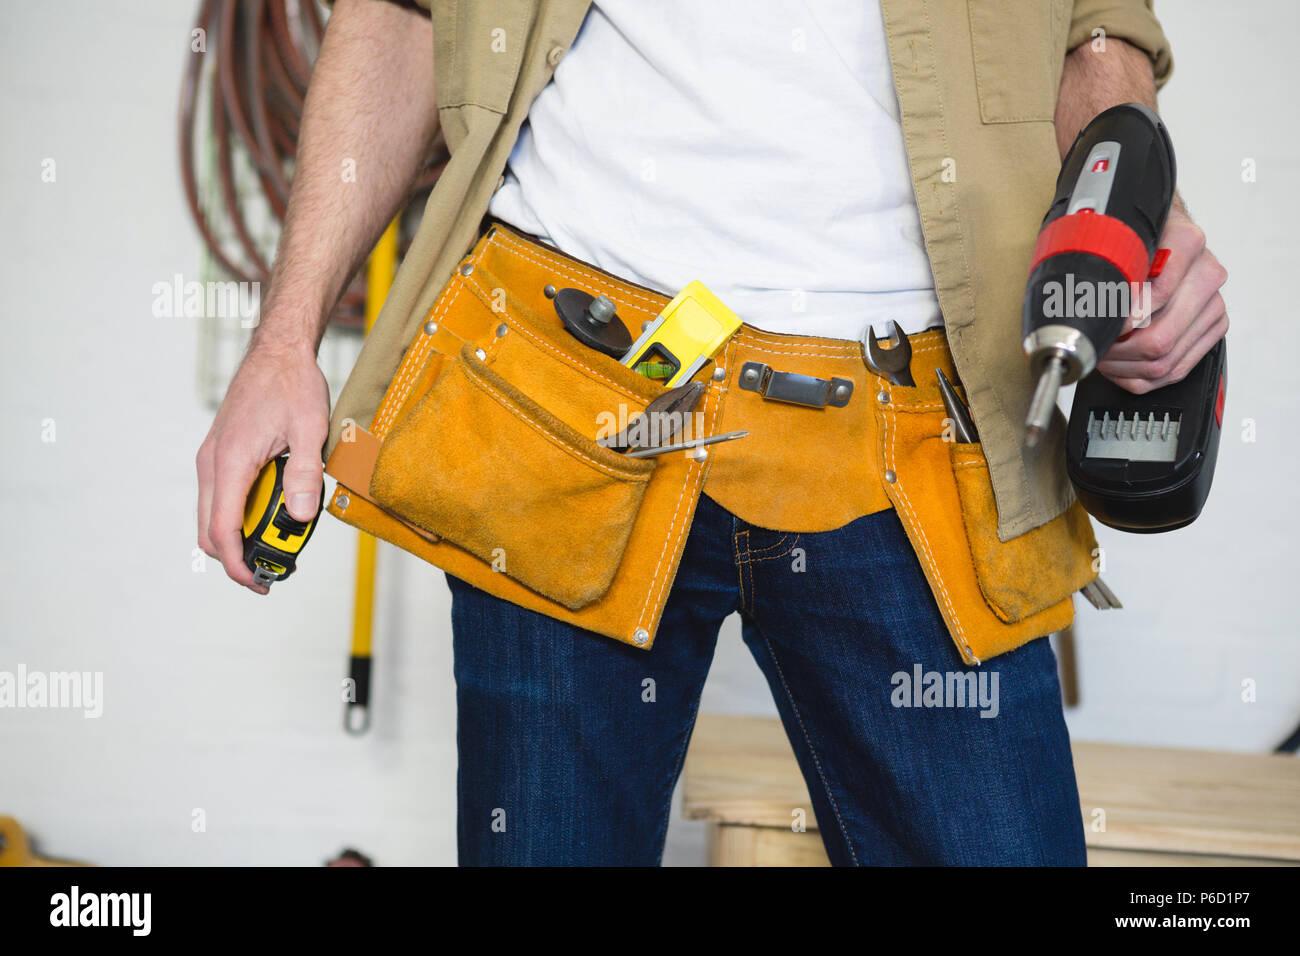 Male carpenter avec ceinture d'outils dans l'atelier Banque D'Images